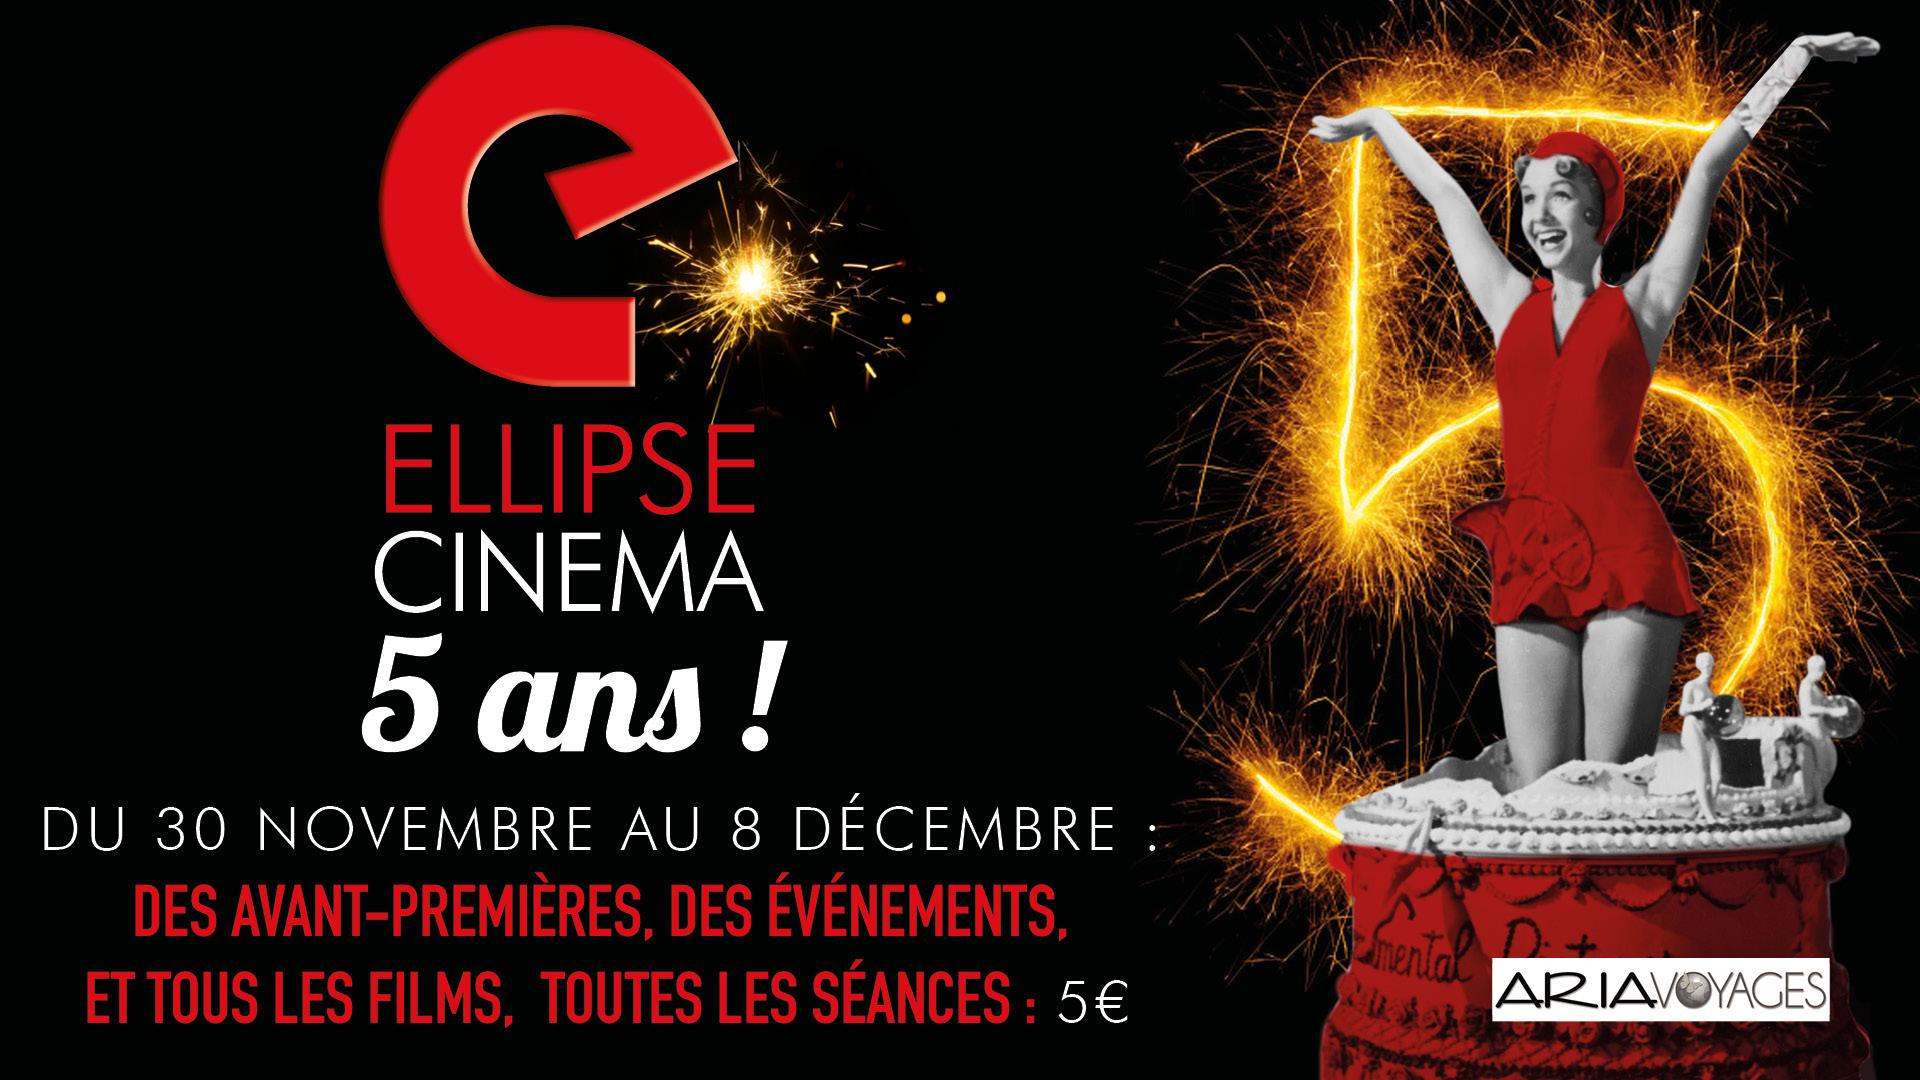 Ajaccio : Le cinéma Ellipse fête ses 5 ans